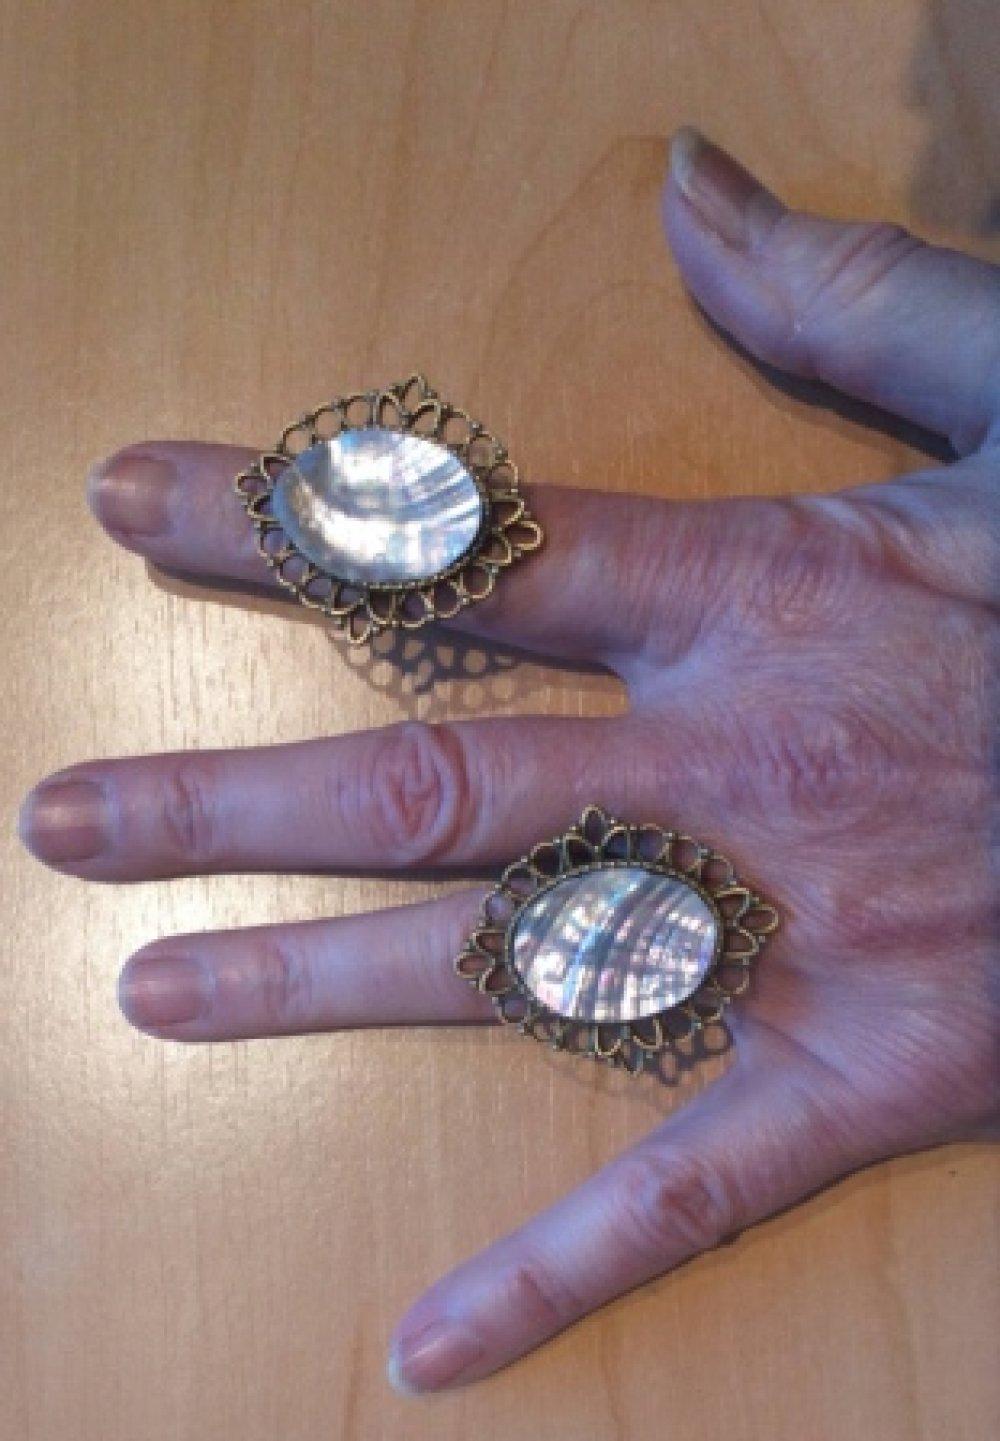 Bague ajustable support festonné couleur bronze ovale , NACRE NORMANDE